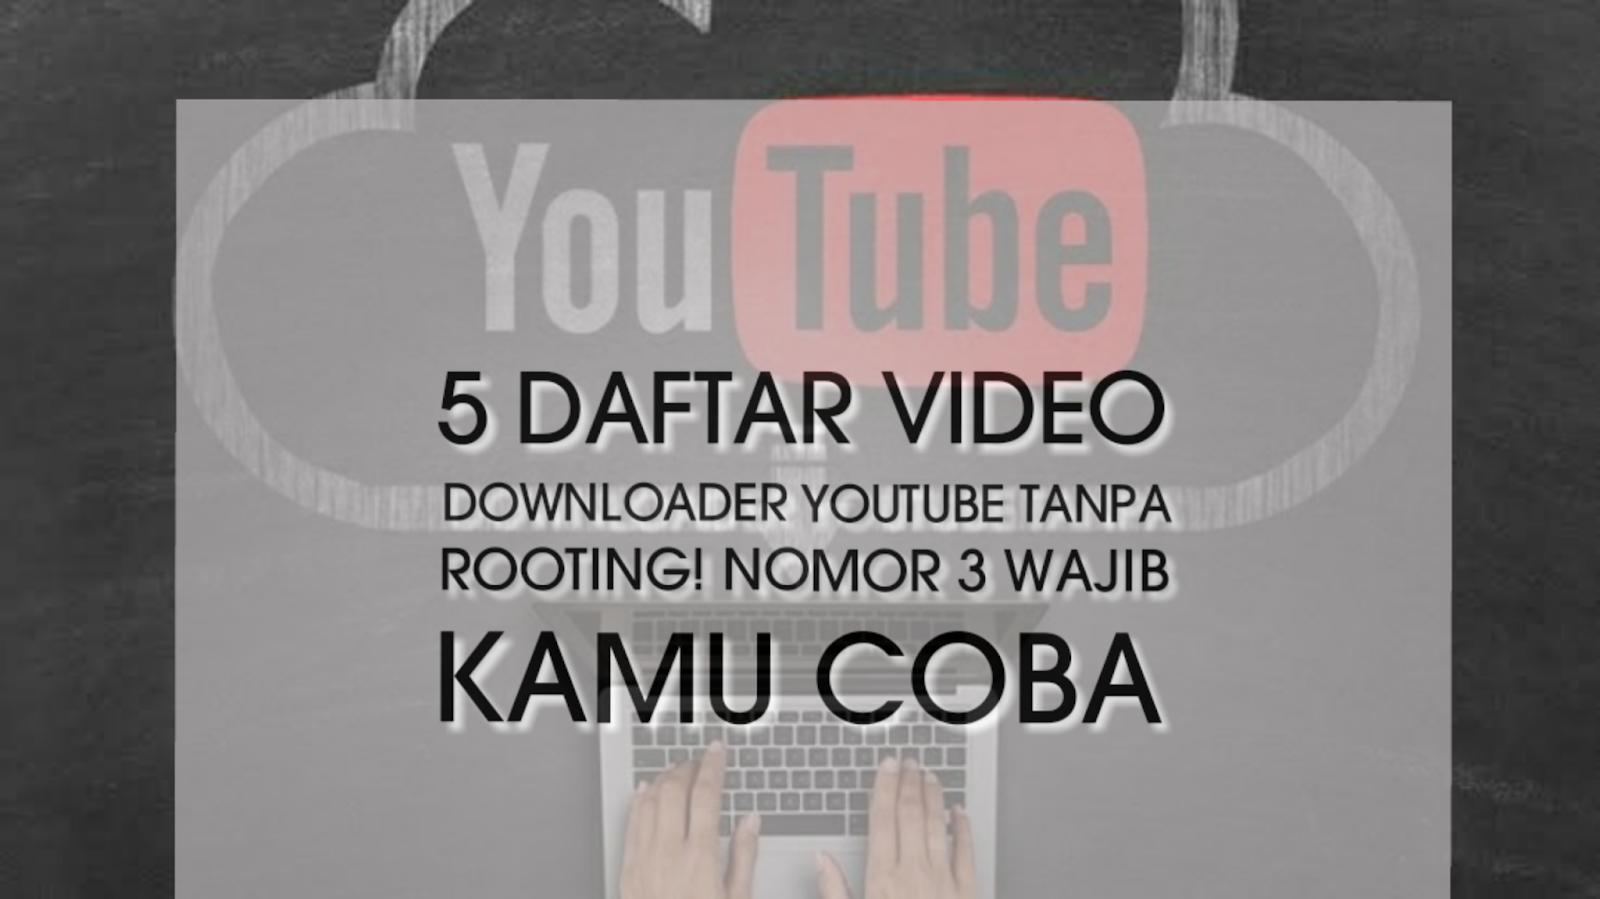 5 daftar video downloader Youtube tanpa rooting! Nomor 3 wajib kamu coba